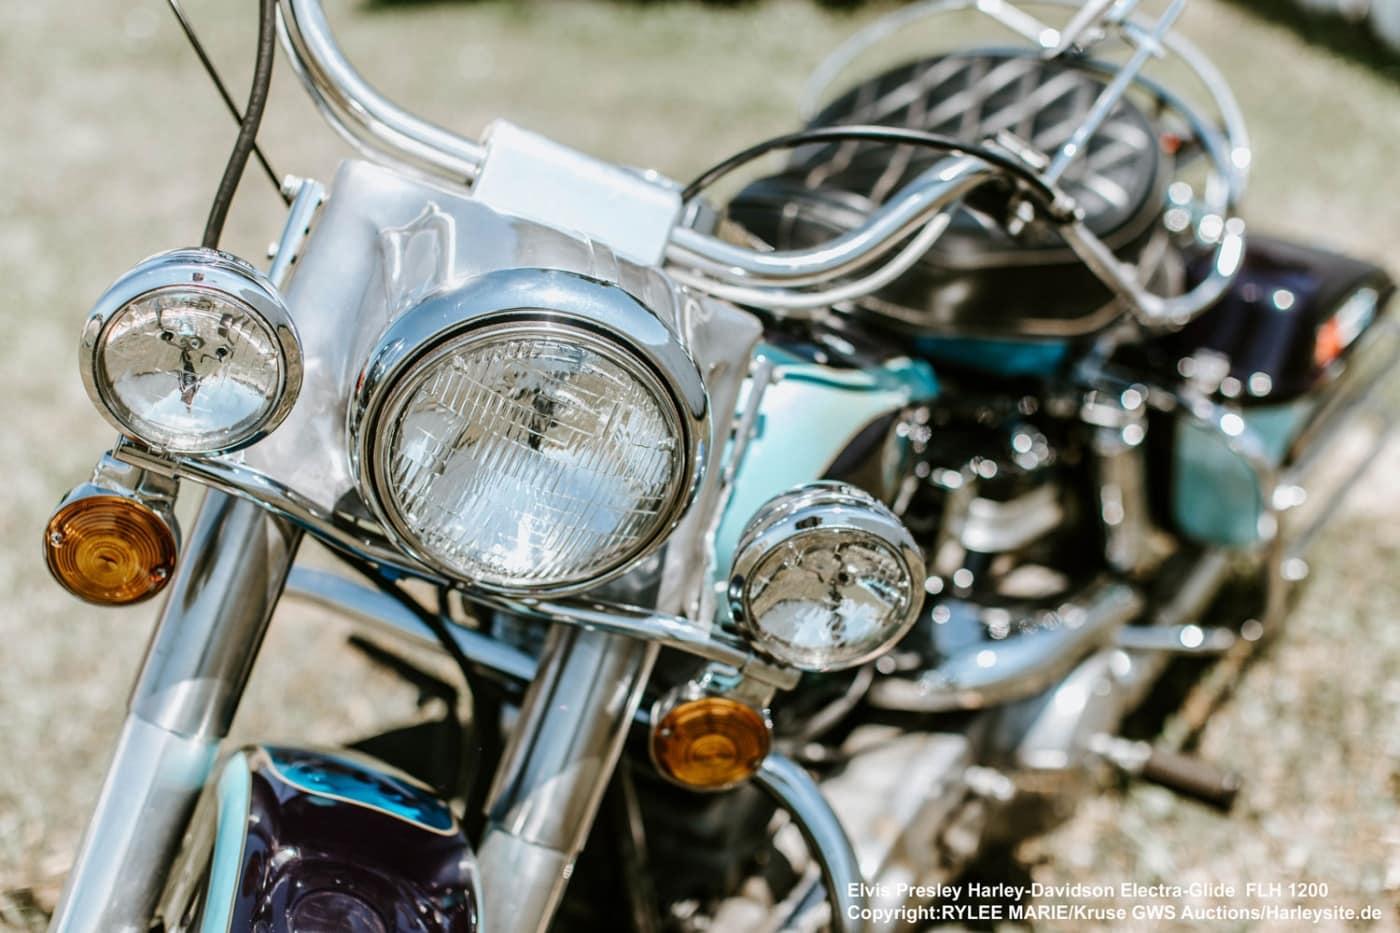 Elvis Presley seine Harley-Davidson Electra-Glide von 1976